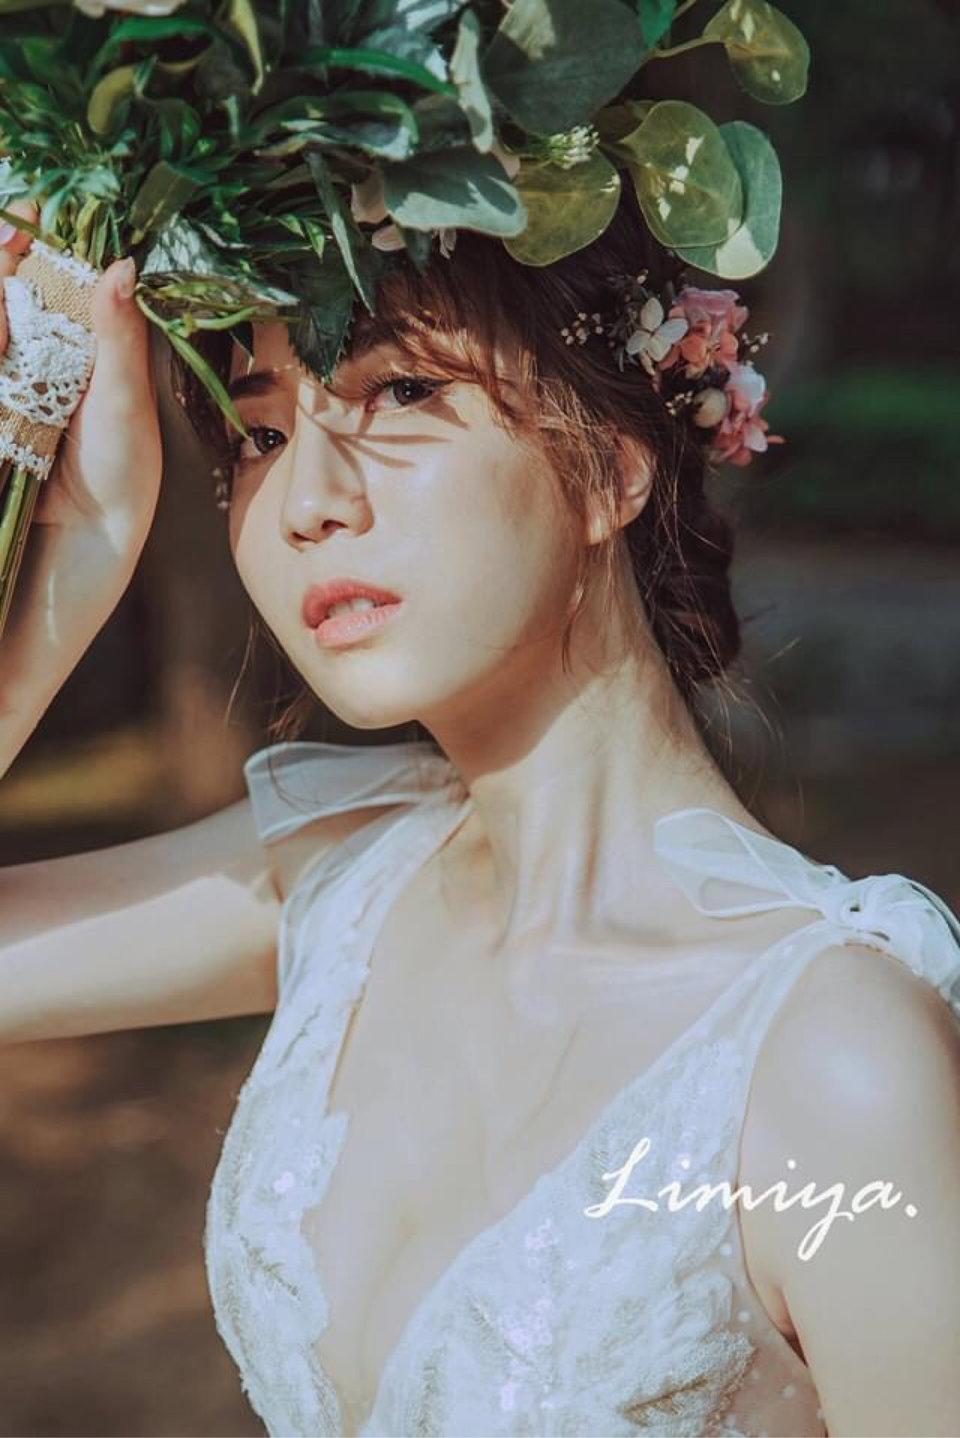 莉米雅手工婚紗攝影工作室,好的品質,另人省時省力,第一首選來「莉米雅」就對了!